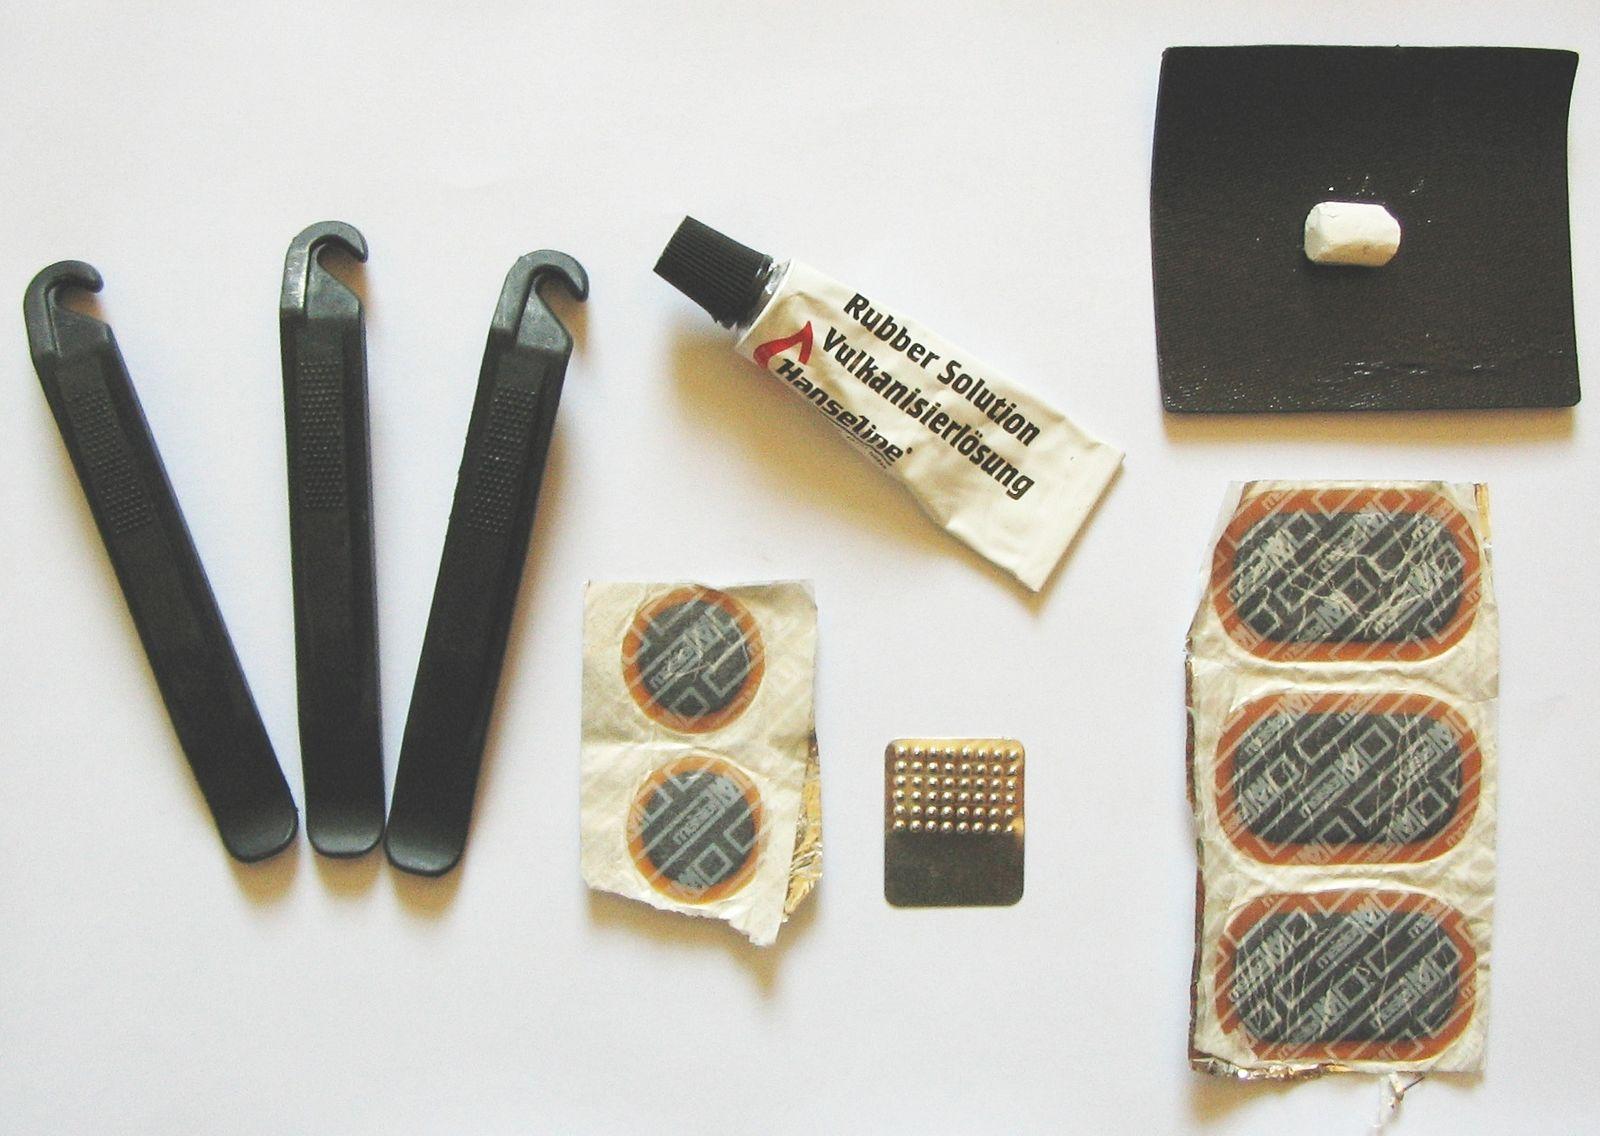 Puncture-repaire-kit